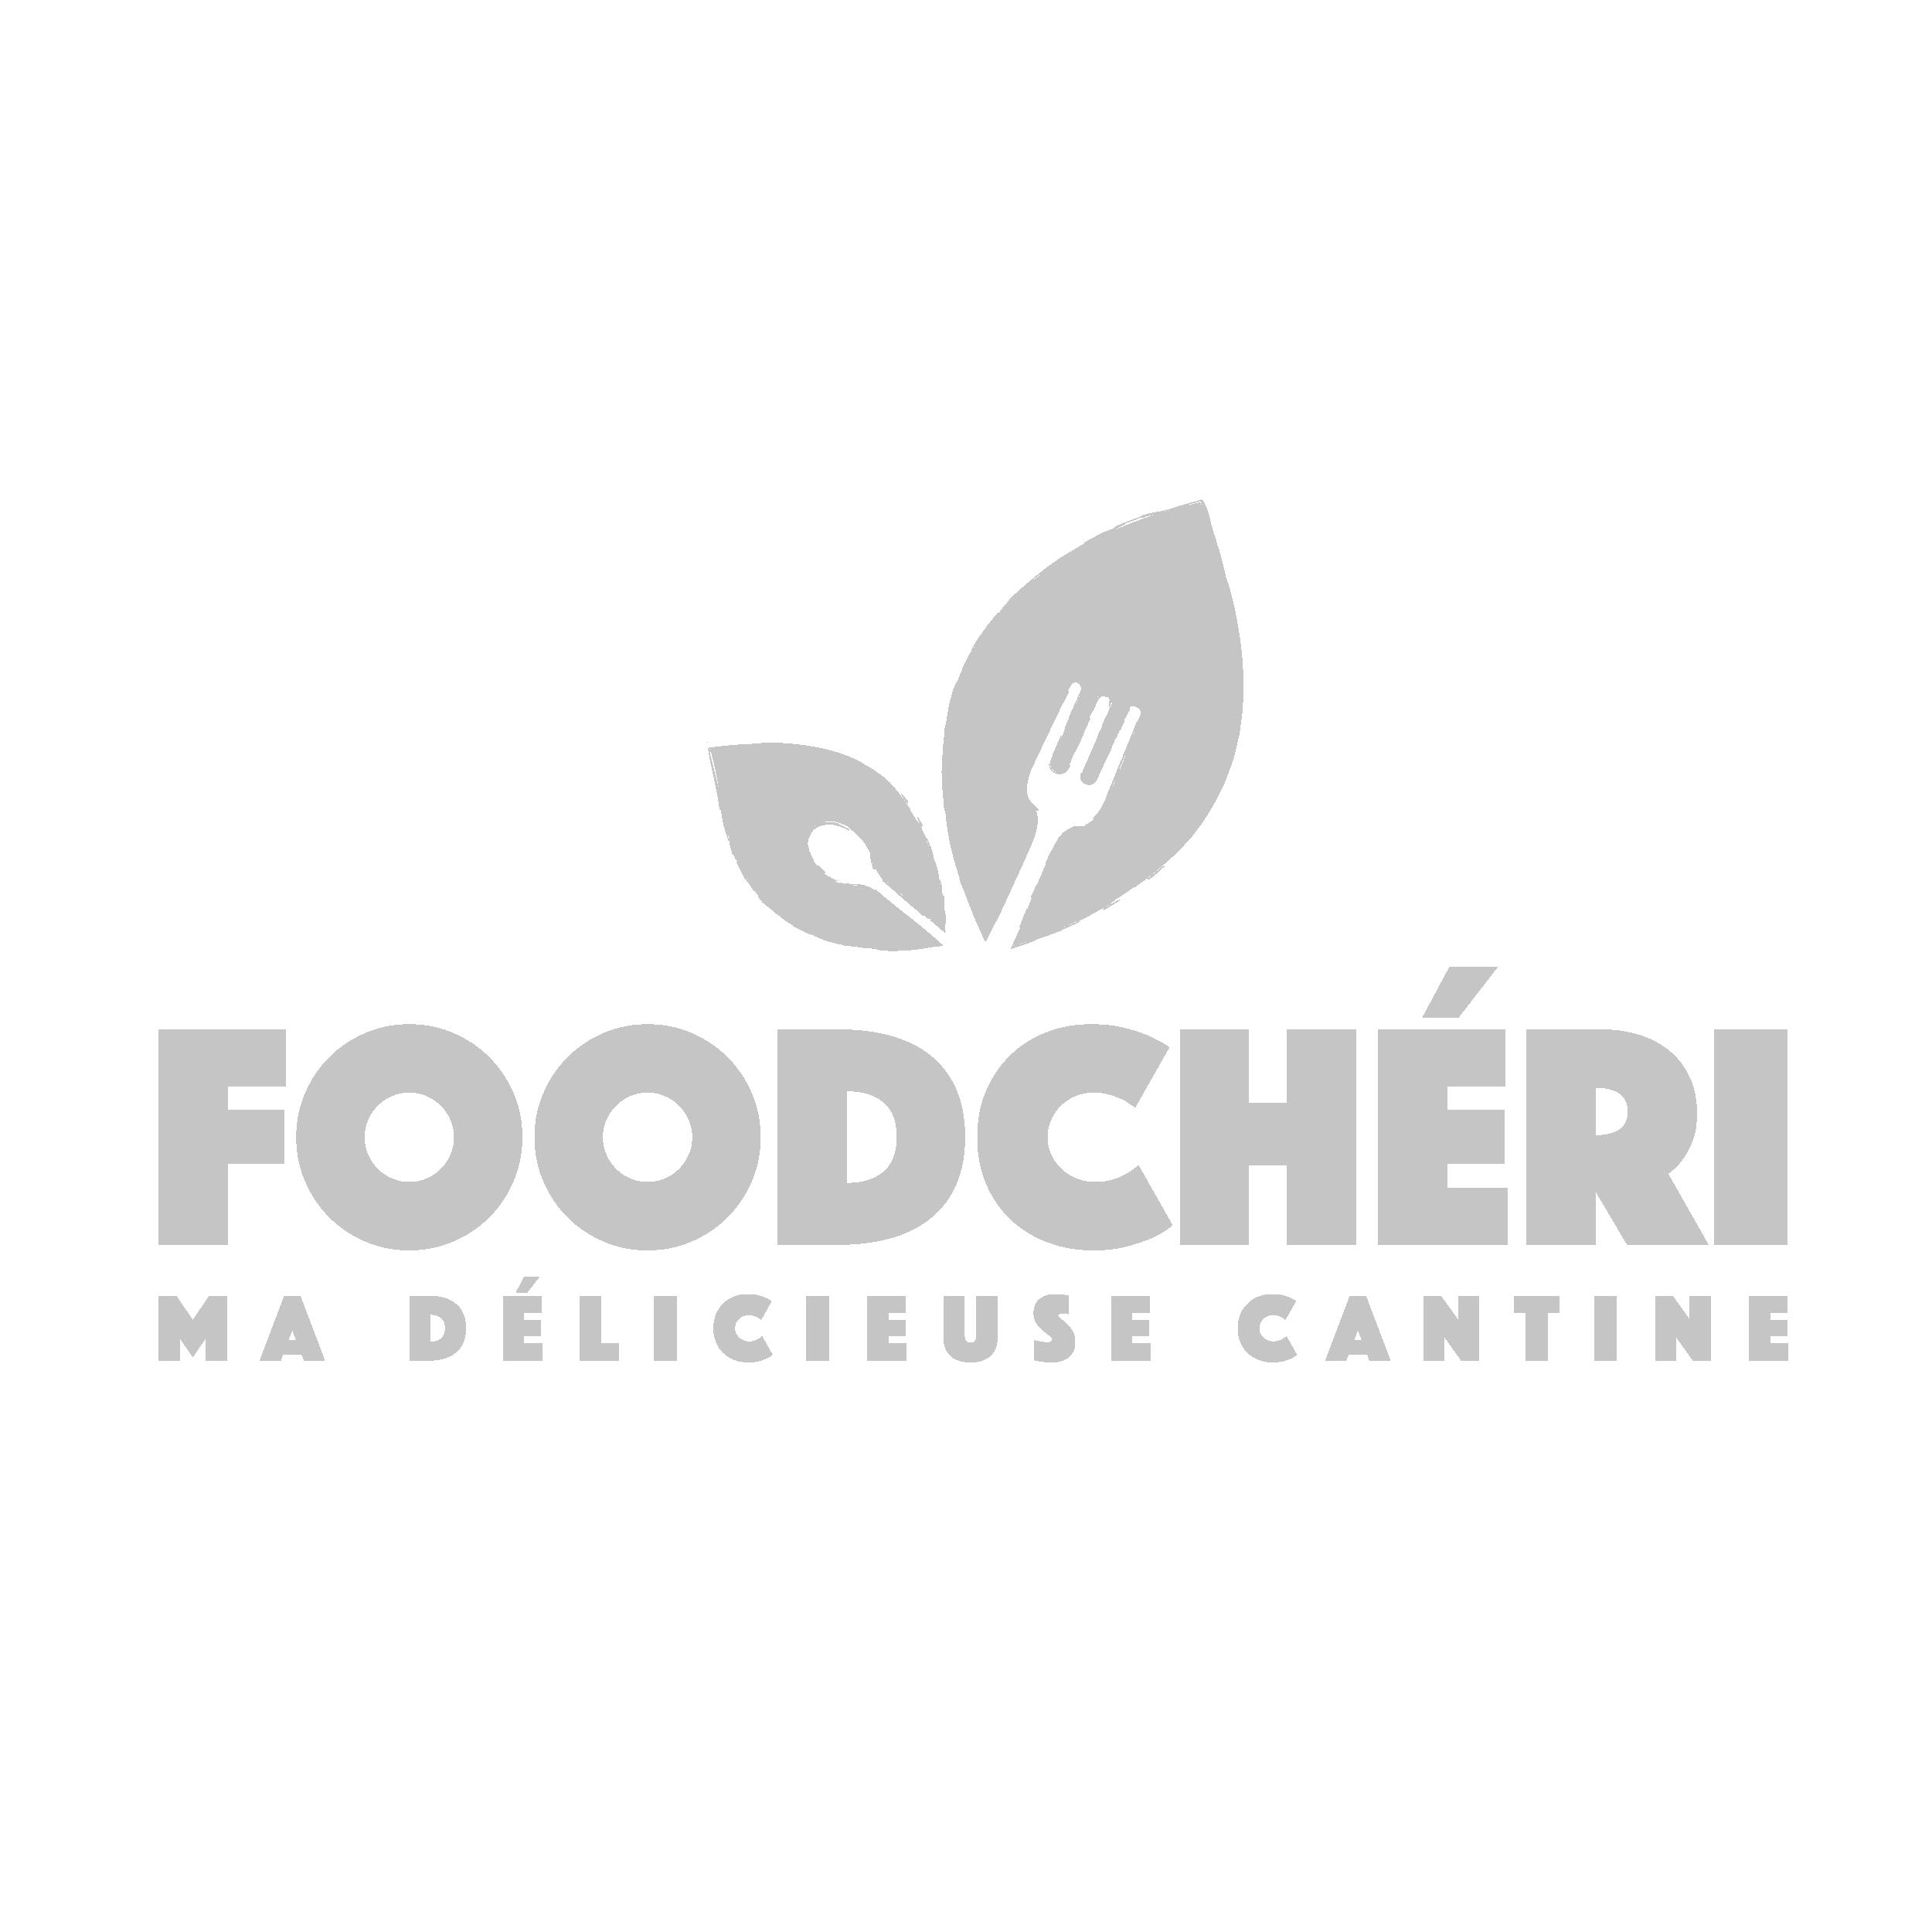 logotype-foodcherie-grey